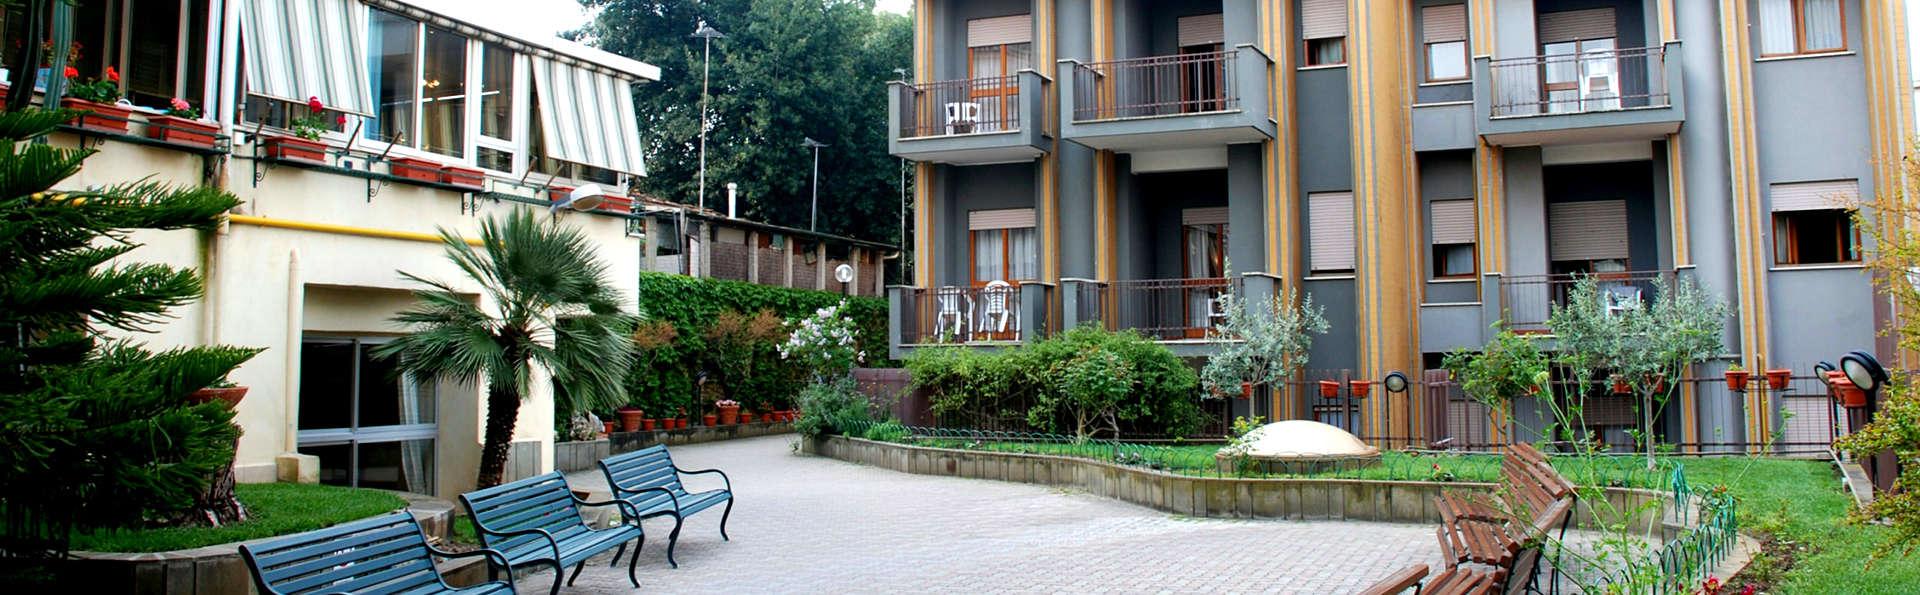 Hotel Casa Tra Noi - Edit_Front3.jpg